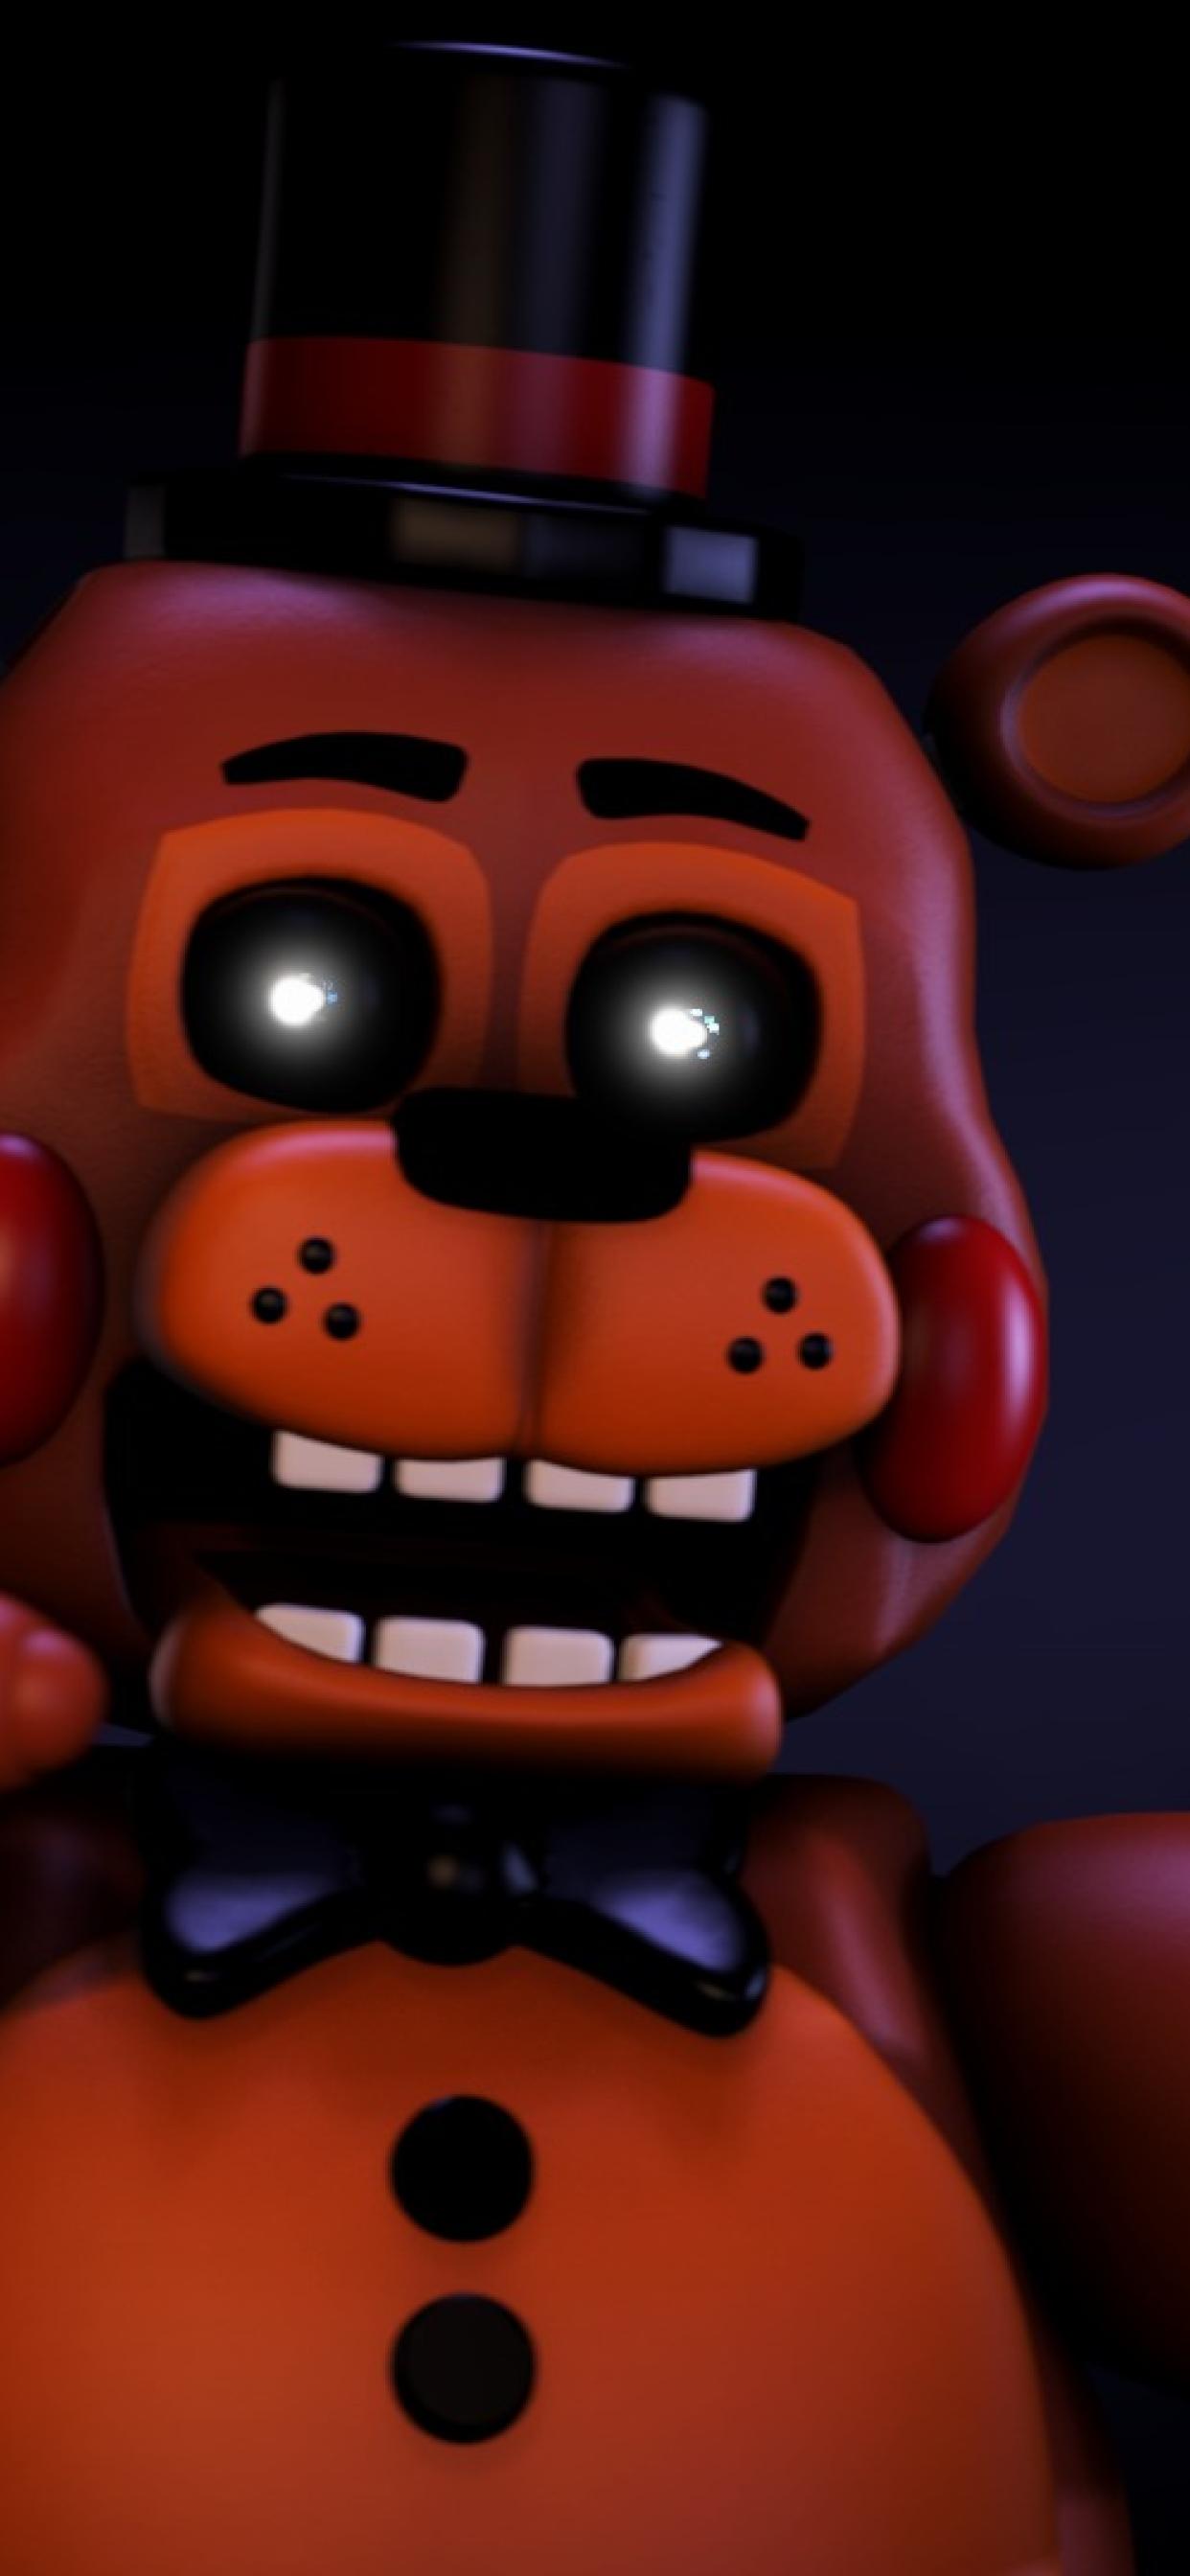 1242x2688 Five Nights At Freddy S 2 Iphone Xs Max Wallpaper Hd